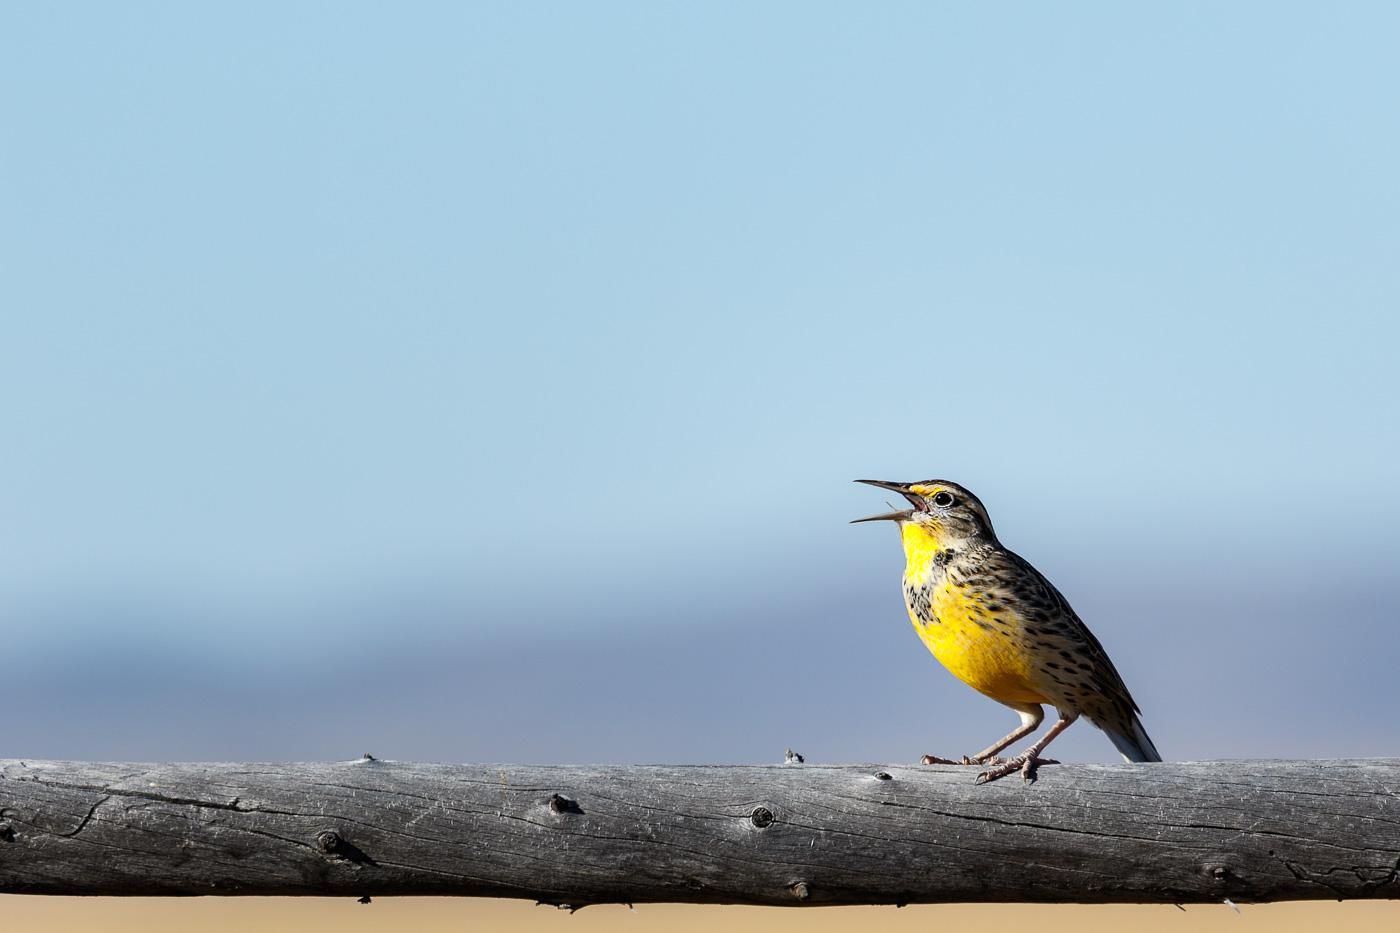 Western Meadowlark (Sturnella neglecta), Utah, U.S.A. - Fauna de Nord-Amèrica - Raül Carmona - Fotografia, Fotografia d'estudi, esdeveniments i Natura